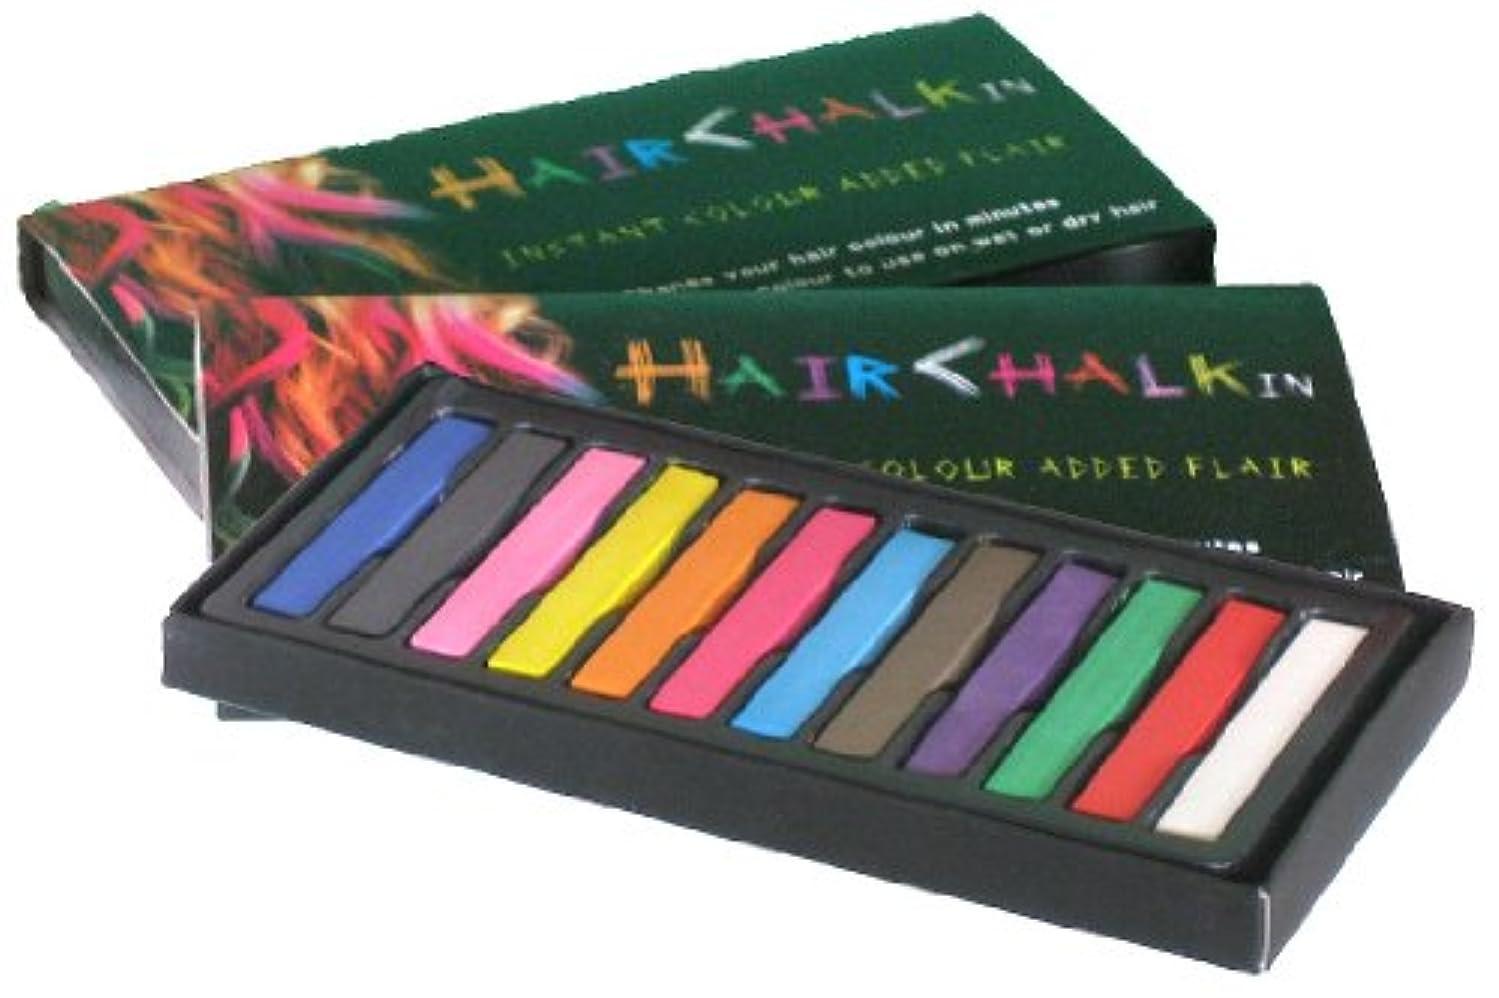 ショット凍るカーテン大ブレイク中!HAIR CHALKIN 選べる 12色/24色 髪専用に開発された安心商品!! ヘアチョーク ヘアカラーチョーク  一日だけのヘアカラーでイメチェンが楽しめる!美容室のヘアカラーでは表現しづらい色も表現できます! 安心のAmazonセンターよりすぐ発送します。 (12色セット)